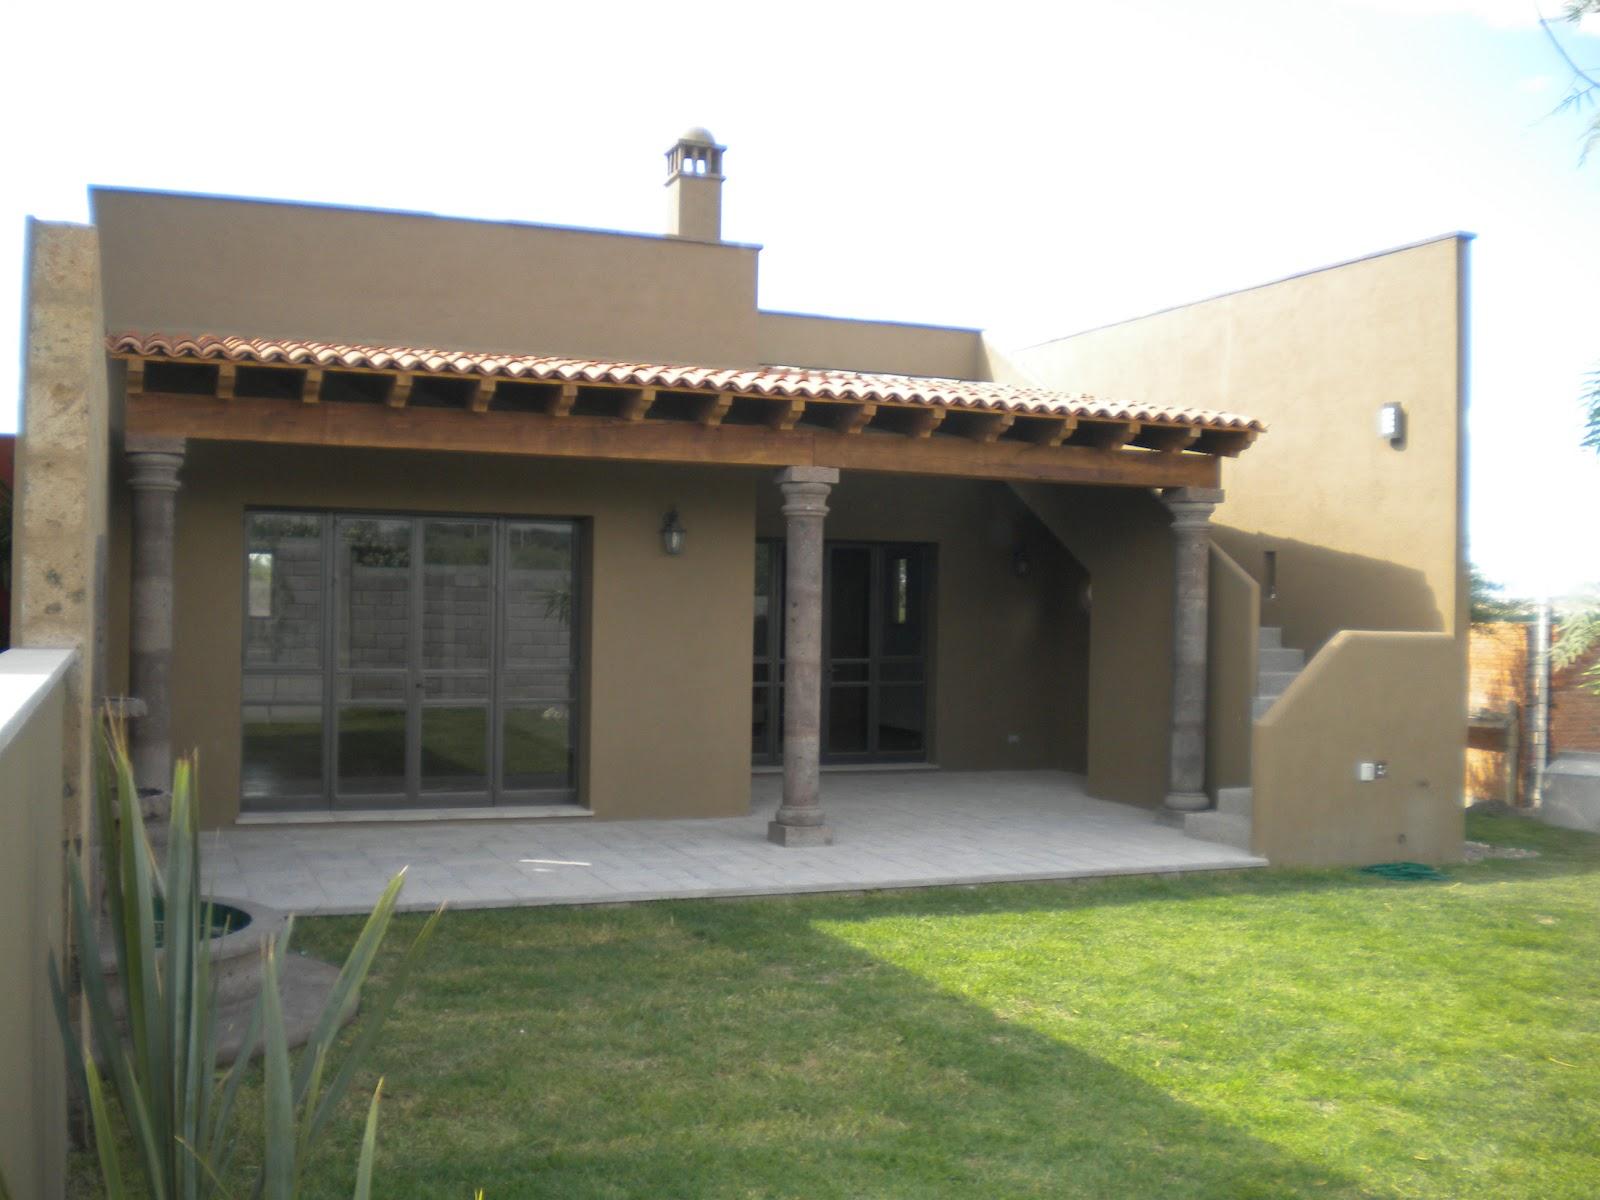 Casa campestre en xido sin muebles for Muebles para casas campestres